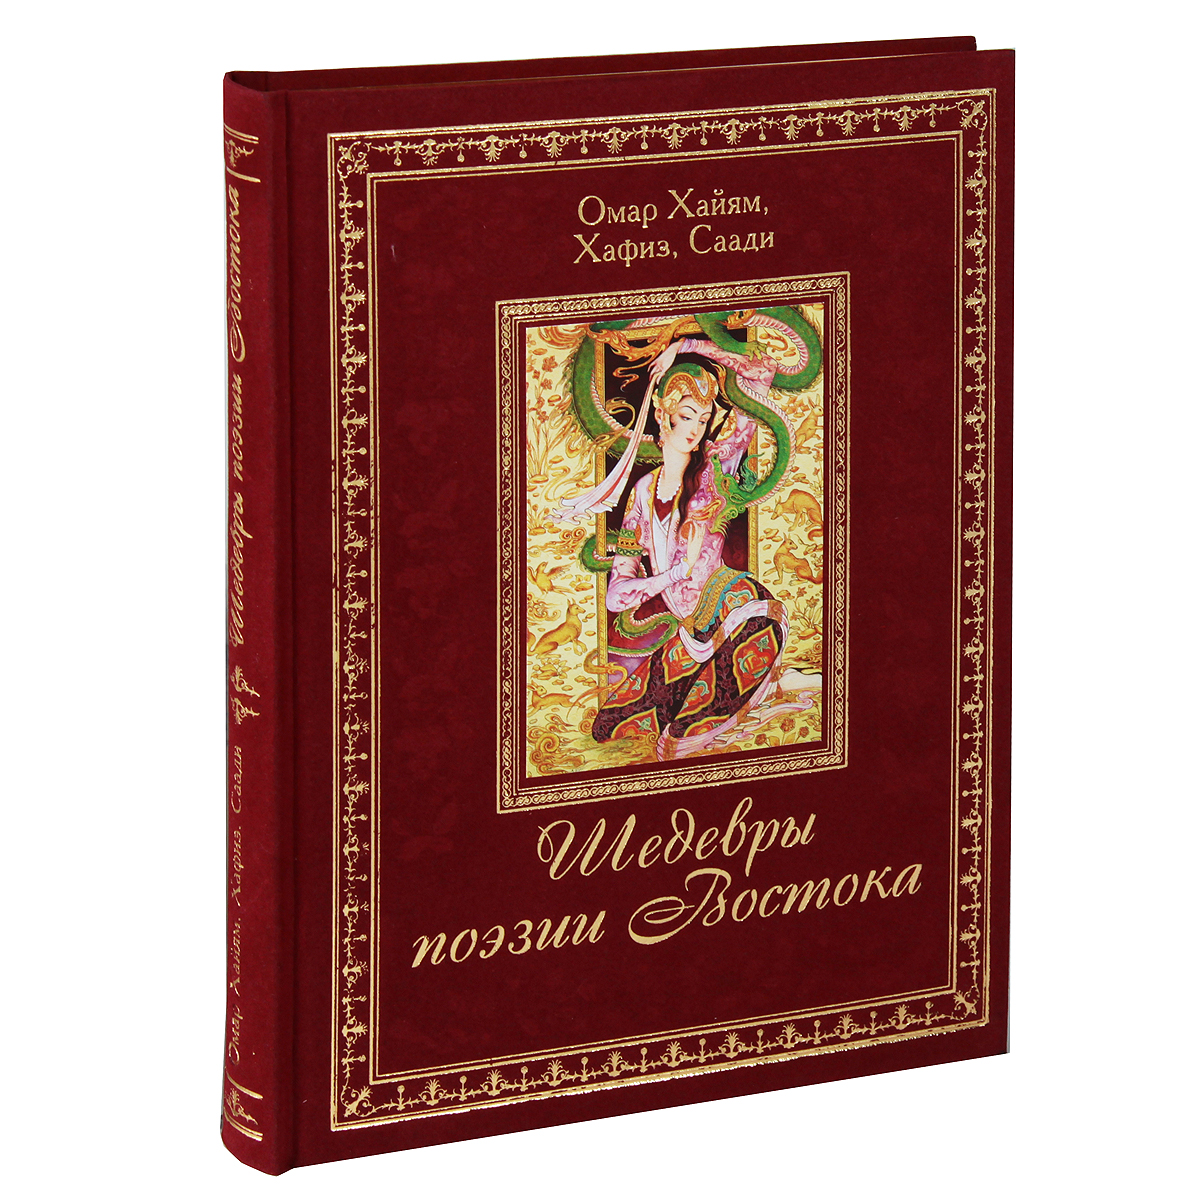 Омар Хайям, Хафиз, Саади Шедевры поэзии Востока (подарочное издание) хафиз газели часть 1